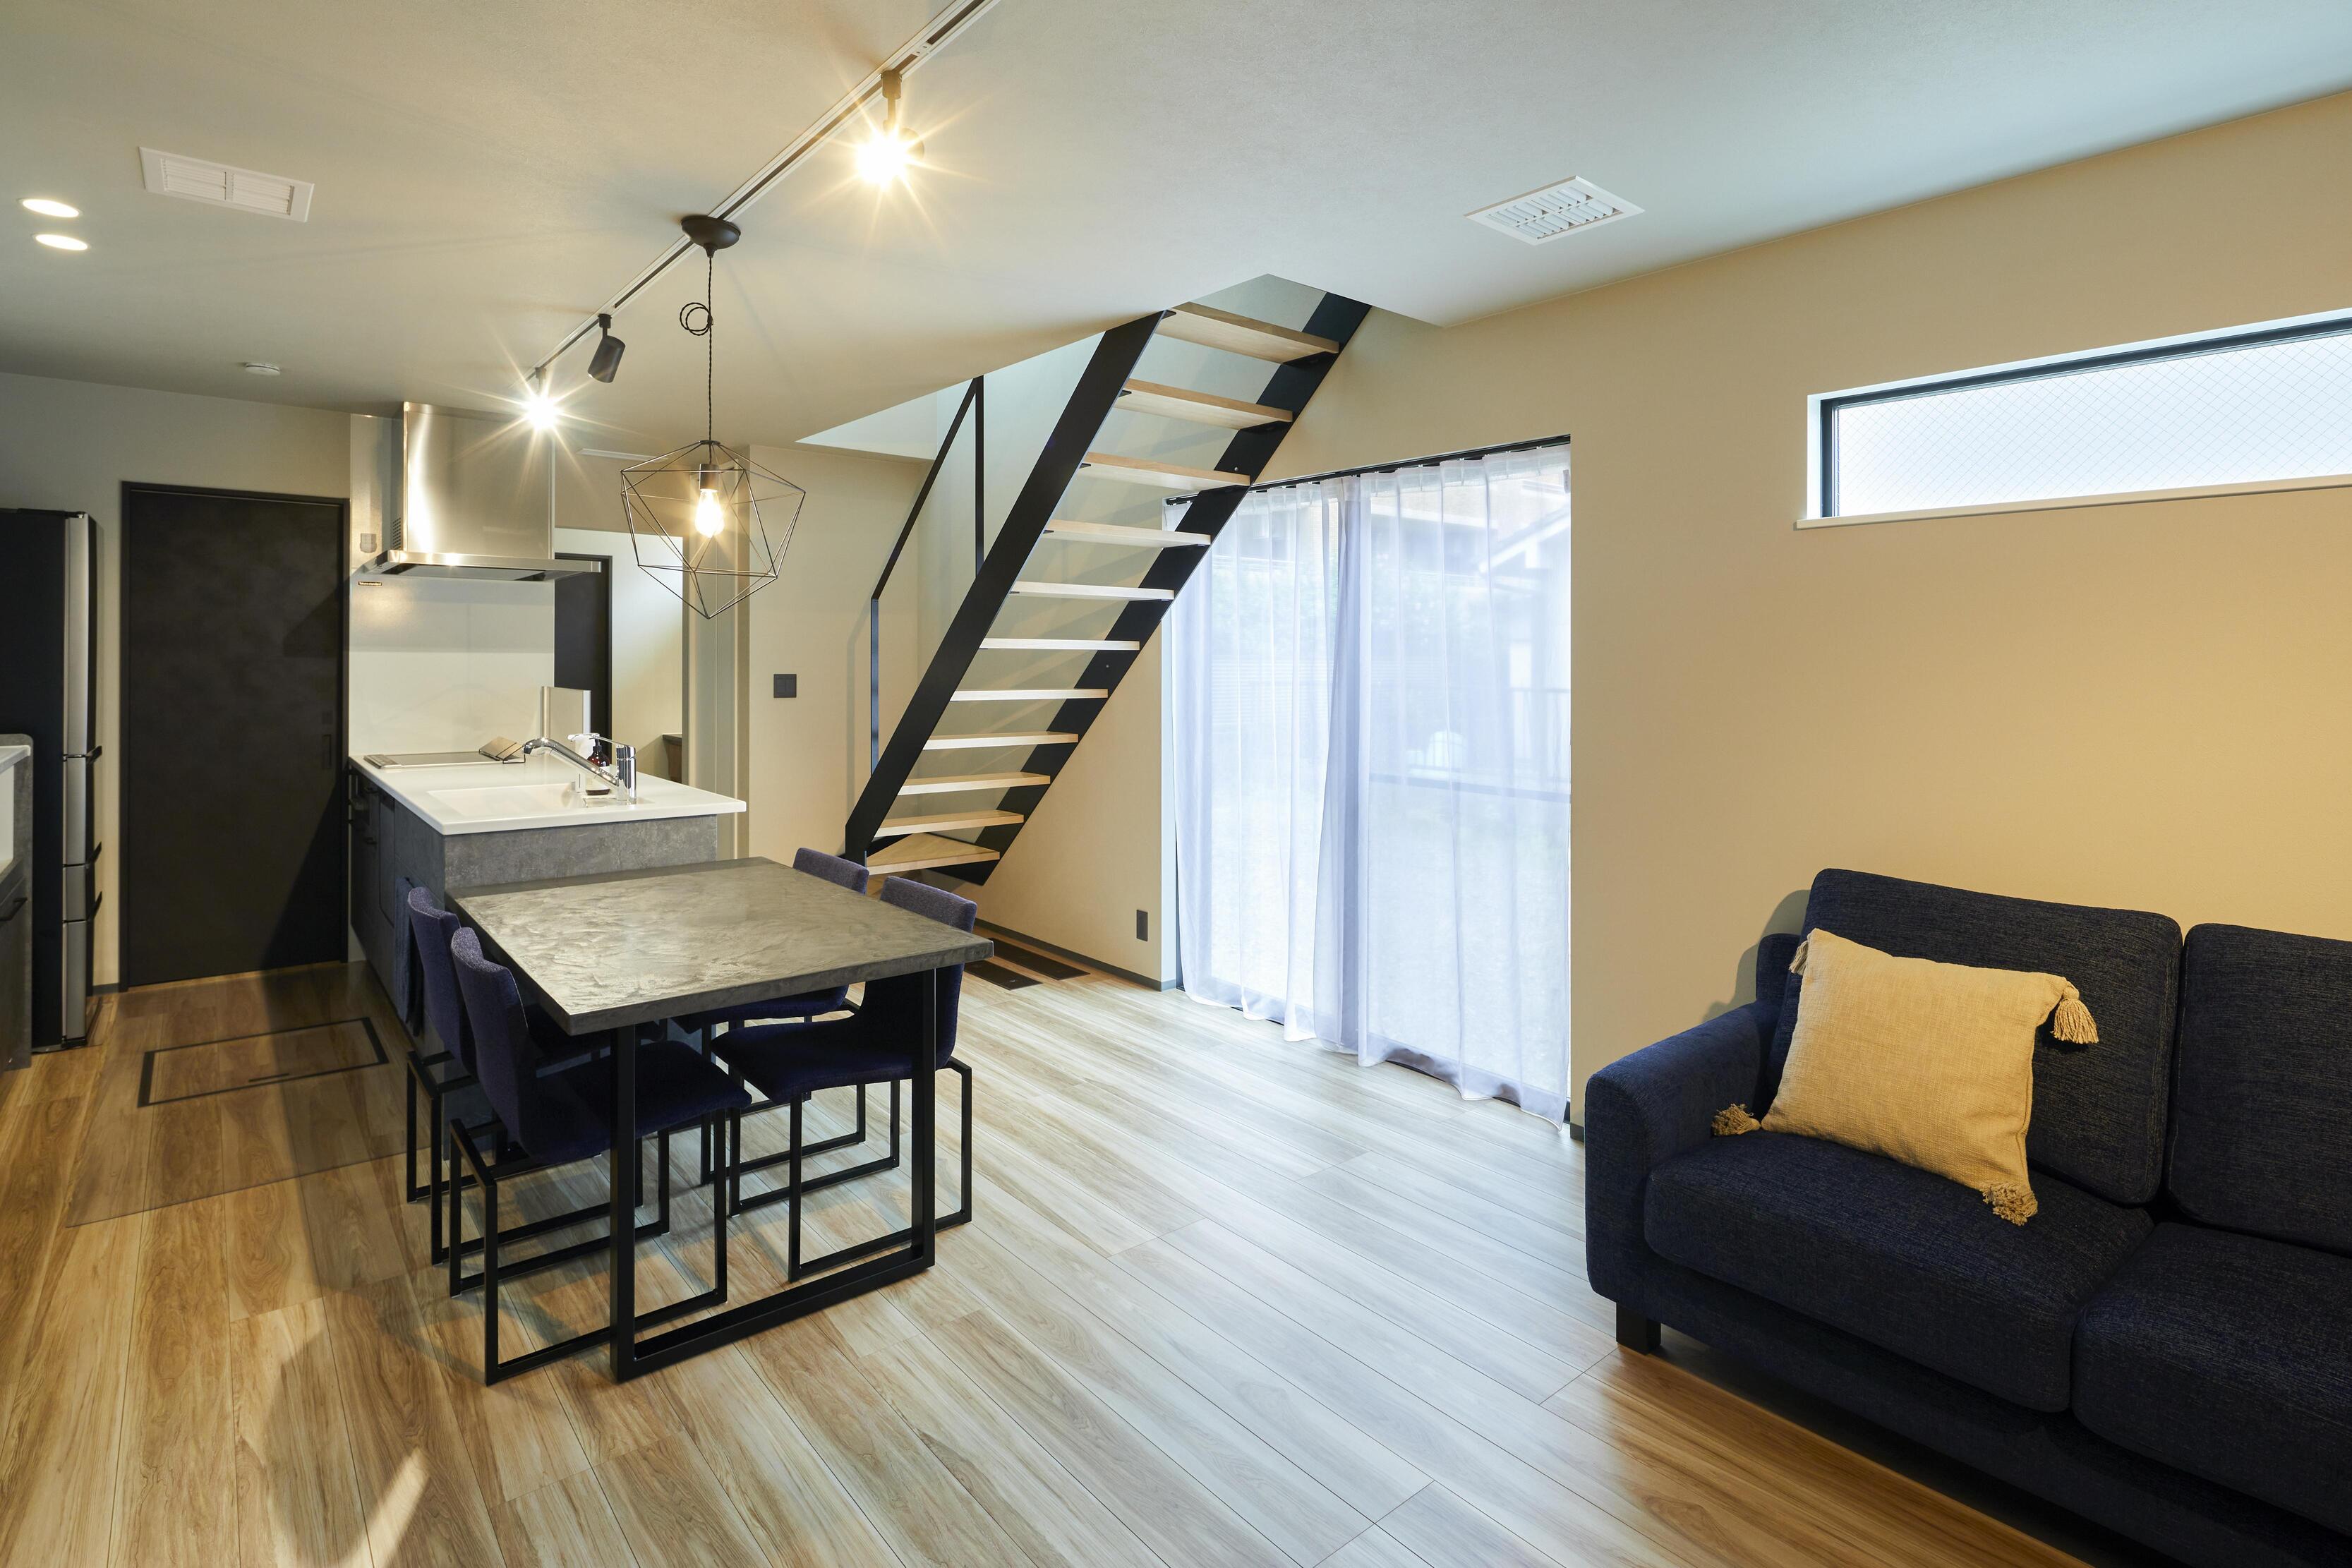 お部屋のアクセントにもなるリビングイン階段。スケルトンの鉄骨階段によって、縦方向での抜け感を感じることができる